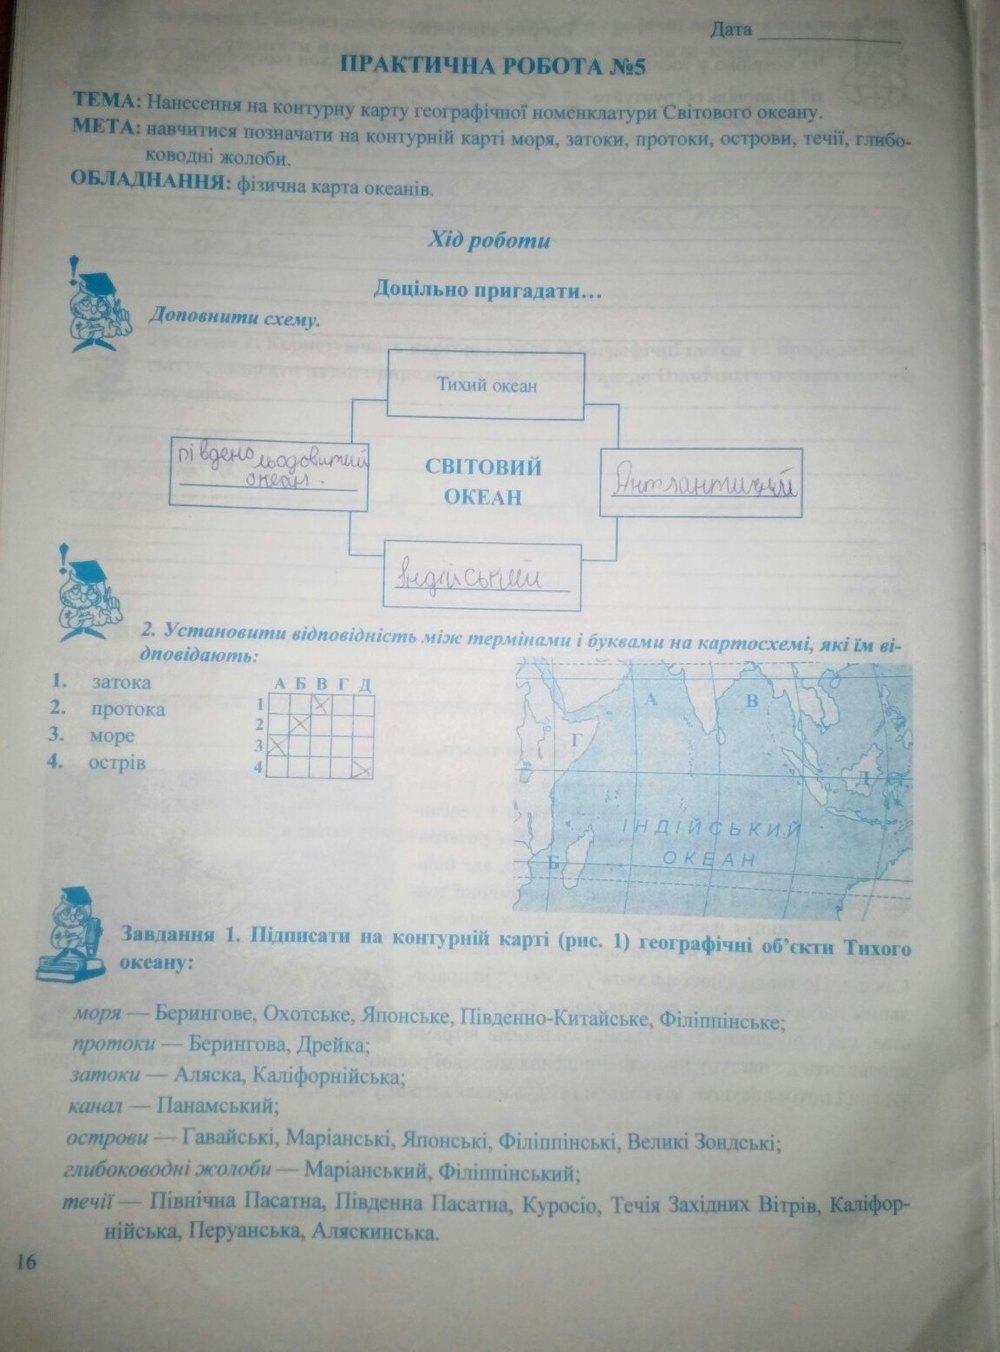 ГДЗ відповіді робочий зошит по географии 7 класс Варакута О., Швець Є.. Задание: стр. 16